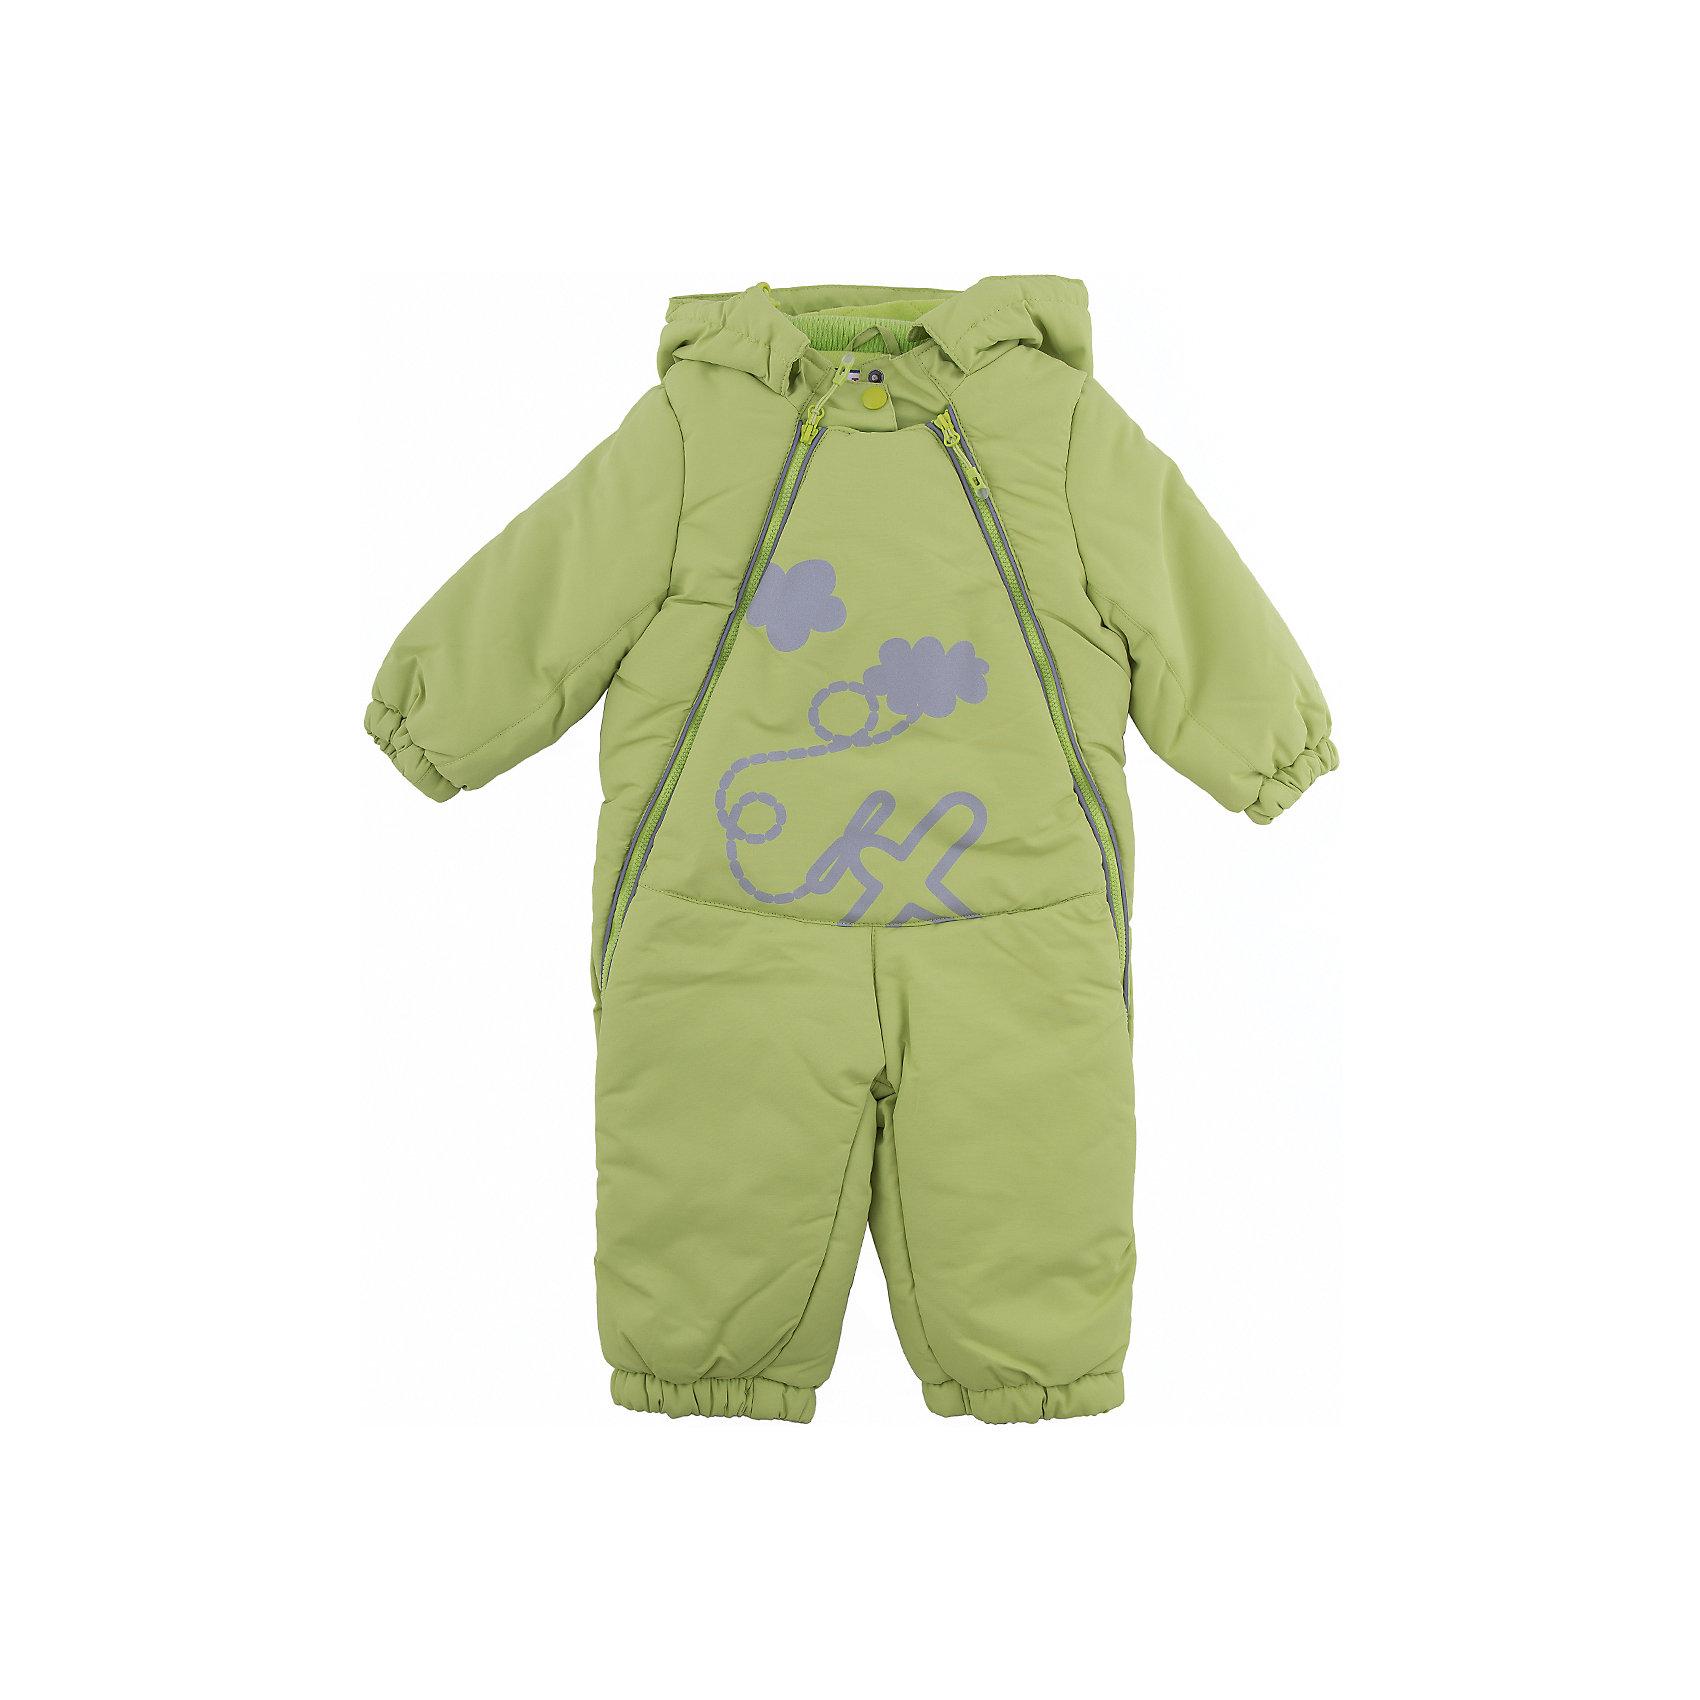 Комбинезон PlayToday для мальчикаВерхняя одежда<br>Комбинезон PlayToday для мальчика<br>Яркий утепленный комбинезон - отличное решение для холодной промозглой погоды. Асимметричное расположение молний позволит быстро снимать и одевать данное изделие. Модель декорирована принтом из светоотражающей краски - ребенок будет виден в темное время суток. Низ штанин дополнен регулируемыми штрипками, которые при необходимости можно отстегнуть. Комбинезон с вшивным капюшоном, застегивается на липучку. Воротник-стойка с внутренней стороны и манжеты отделаны мягкой трикотажной резинкой для дополнительного сохранения тепла. Хлопковая подкладка комбинезона не статична и хорошо впитывает лишнюю влагу.<br>Состав:<br>Верх: 100% полиэстер, подкладка: 60% хлопок, 40% полиэстер, наполнитель: 100% полиэстер, 250 г/м2<br><br>Ширина мм: 157<br>Глубина мм: 13<br>Высота мм: 119<br>Вес г: 200<br>Цвет: зеленый<br>Возраст от месяцев: 18<br>Возраст до месяцев: 24<br>Пол: Мужской<br>Возраст: Детский<br>Размер: 92,74,80,86<br>SKU: 7109675